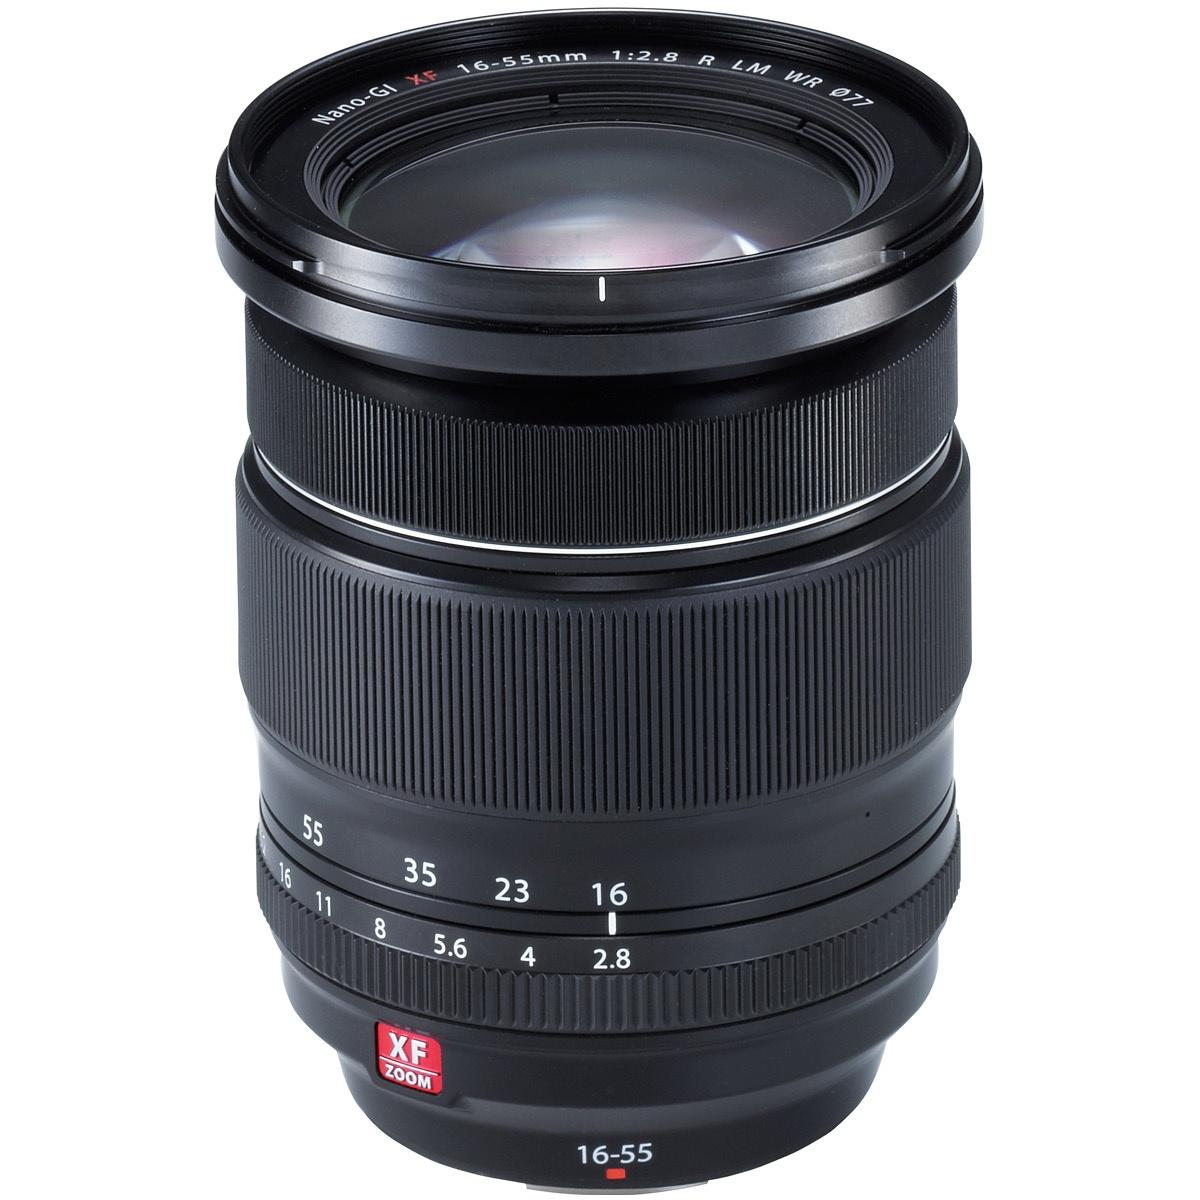 Fujifilm XF 16-55 mm 1:2,8 R LM WR